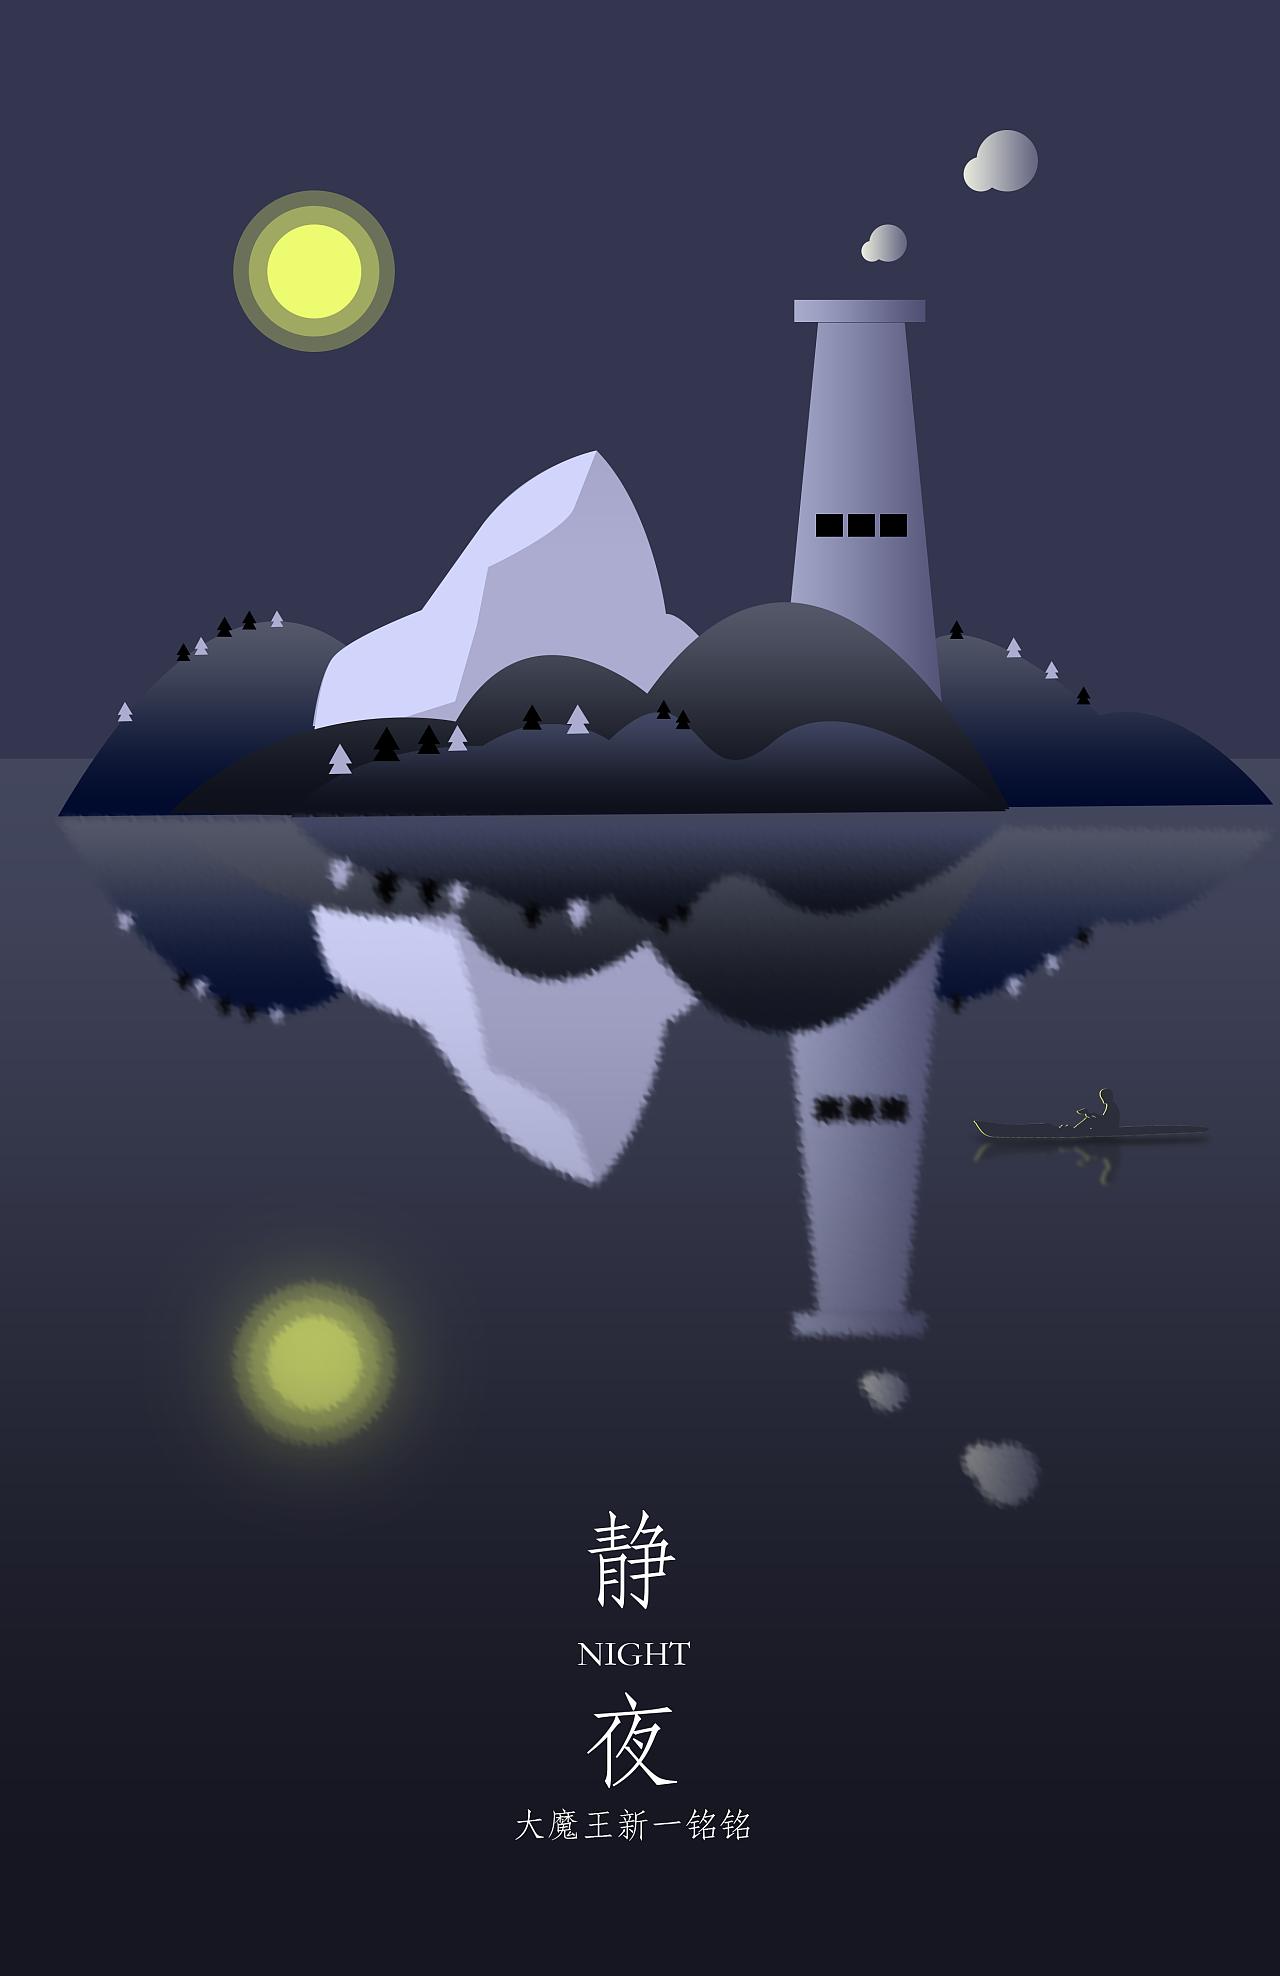 静夜诗|UI|APP界面|大魔王新一 - 临摹作品 - 站